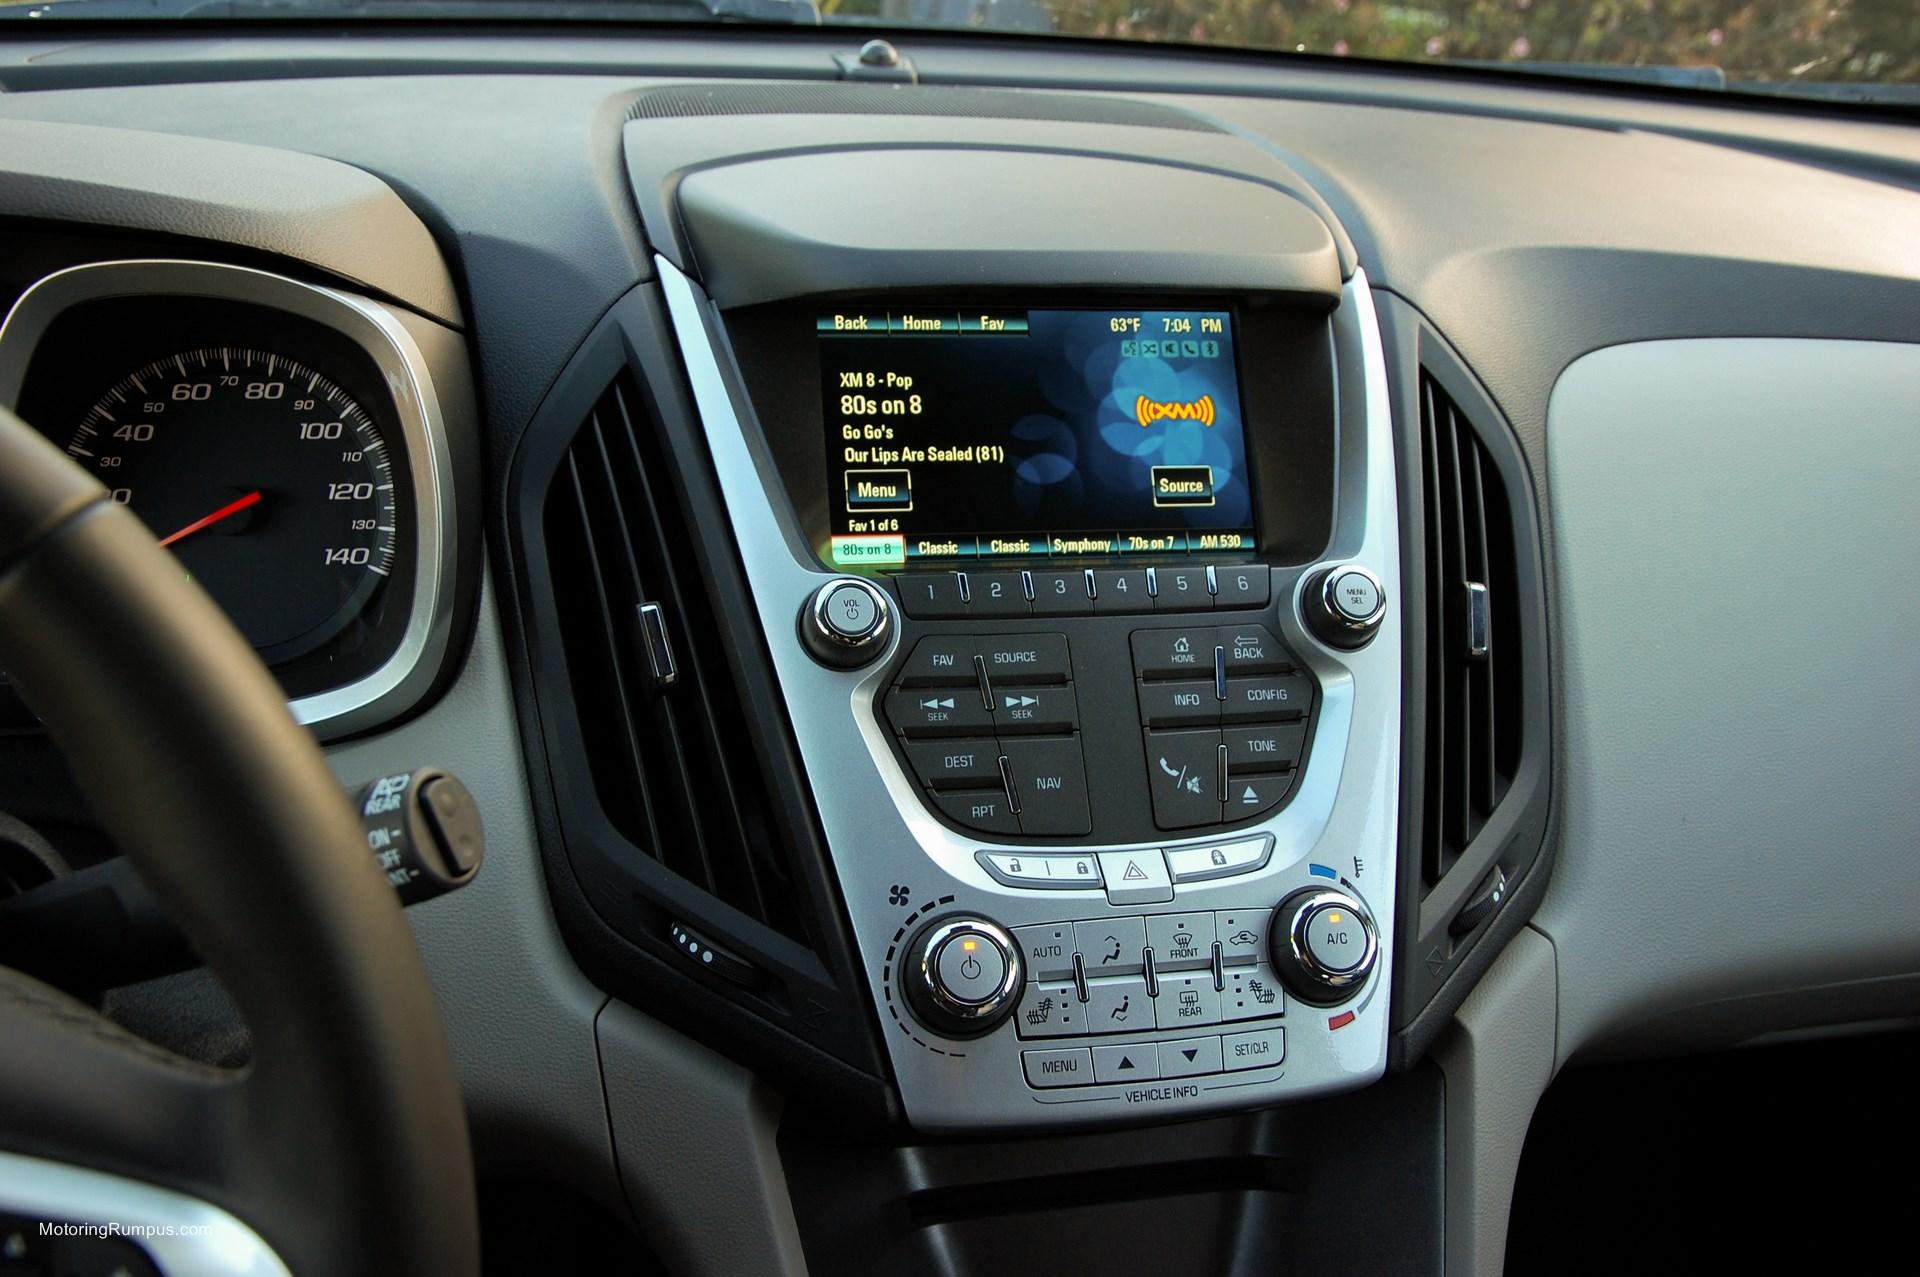 2014 Chevy Equinox Dash